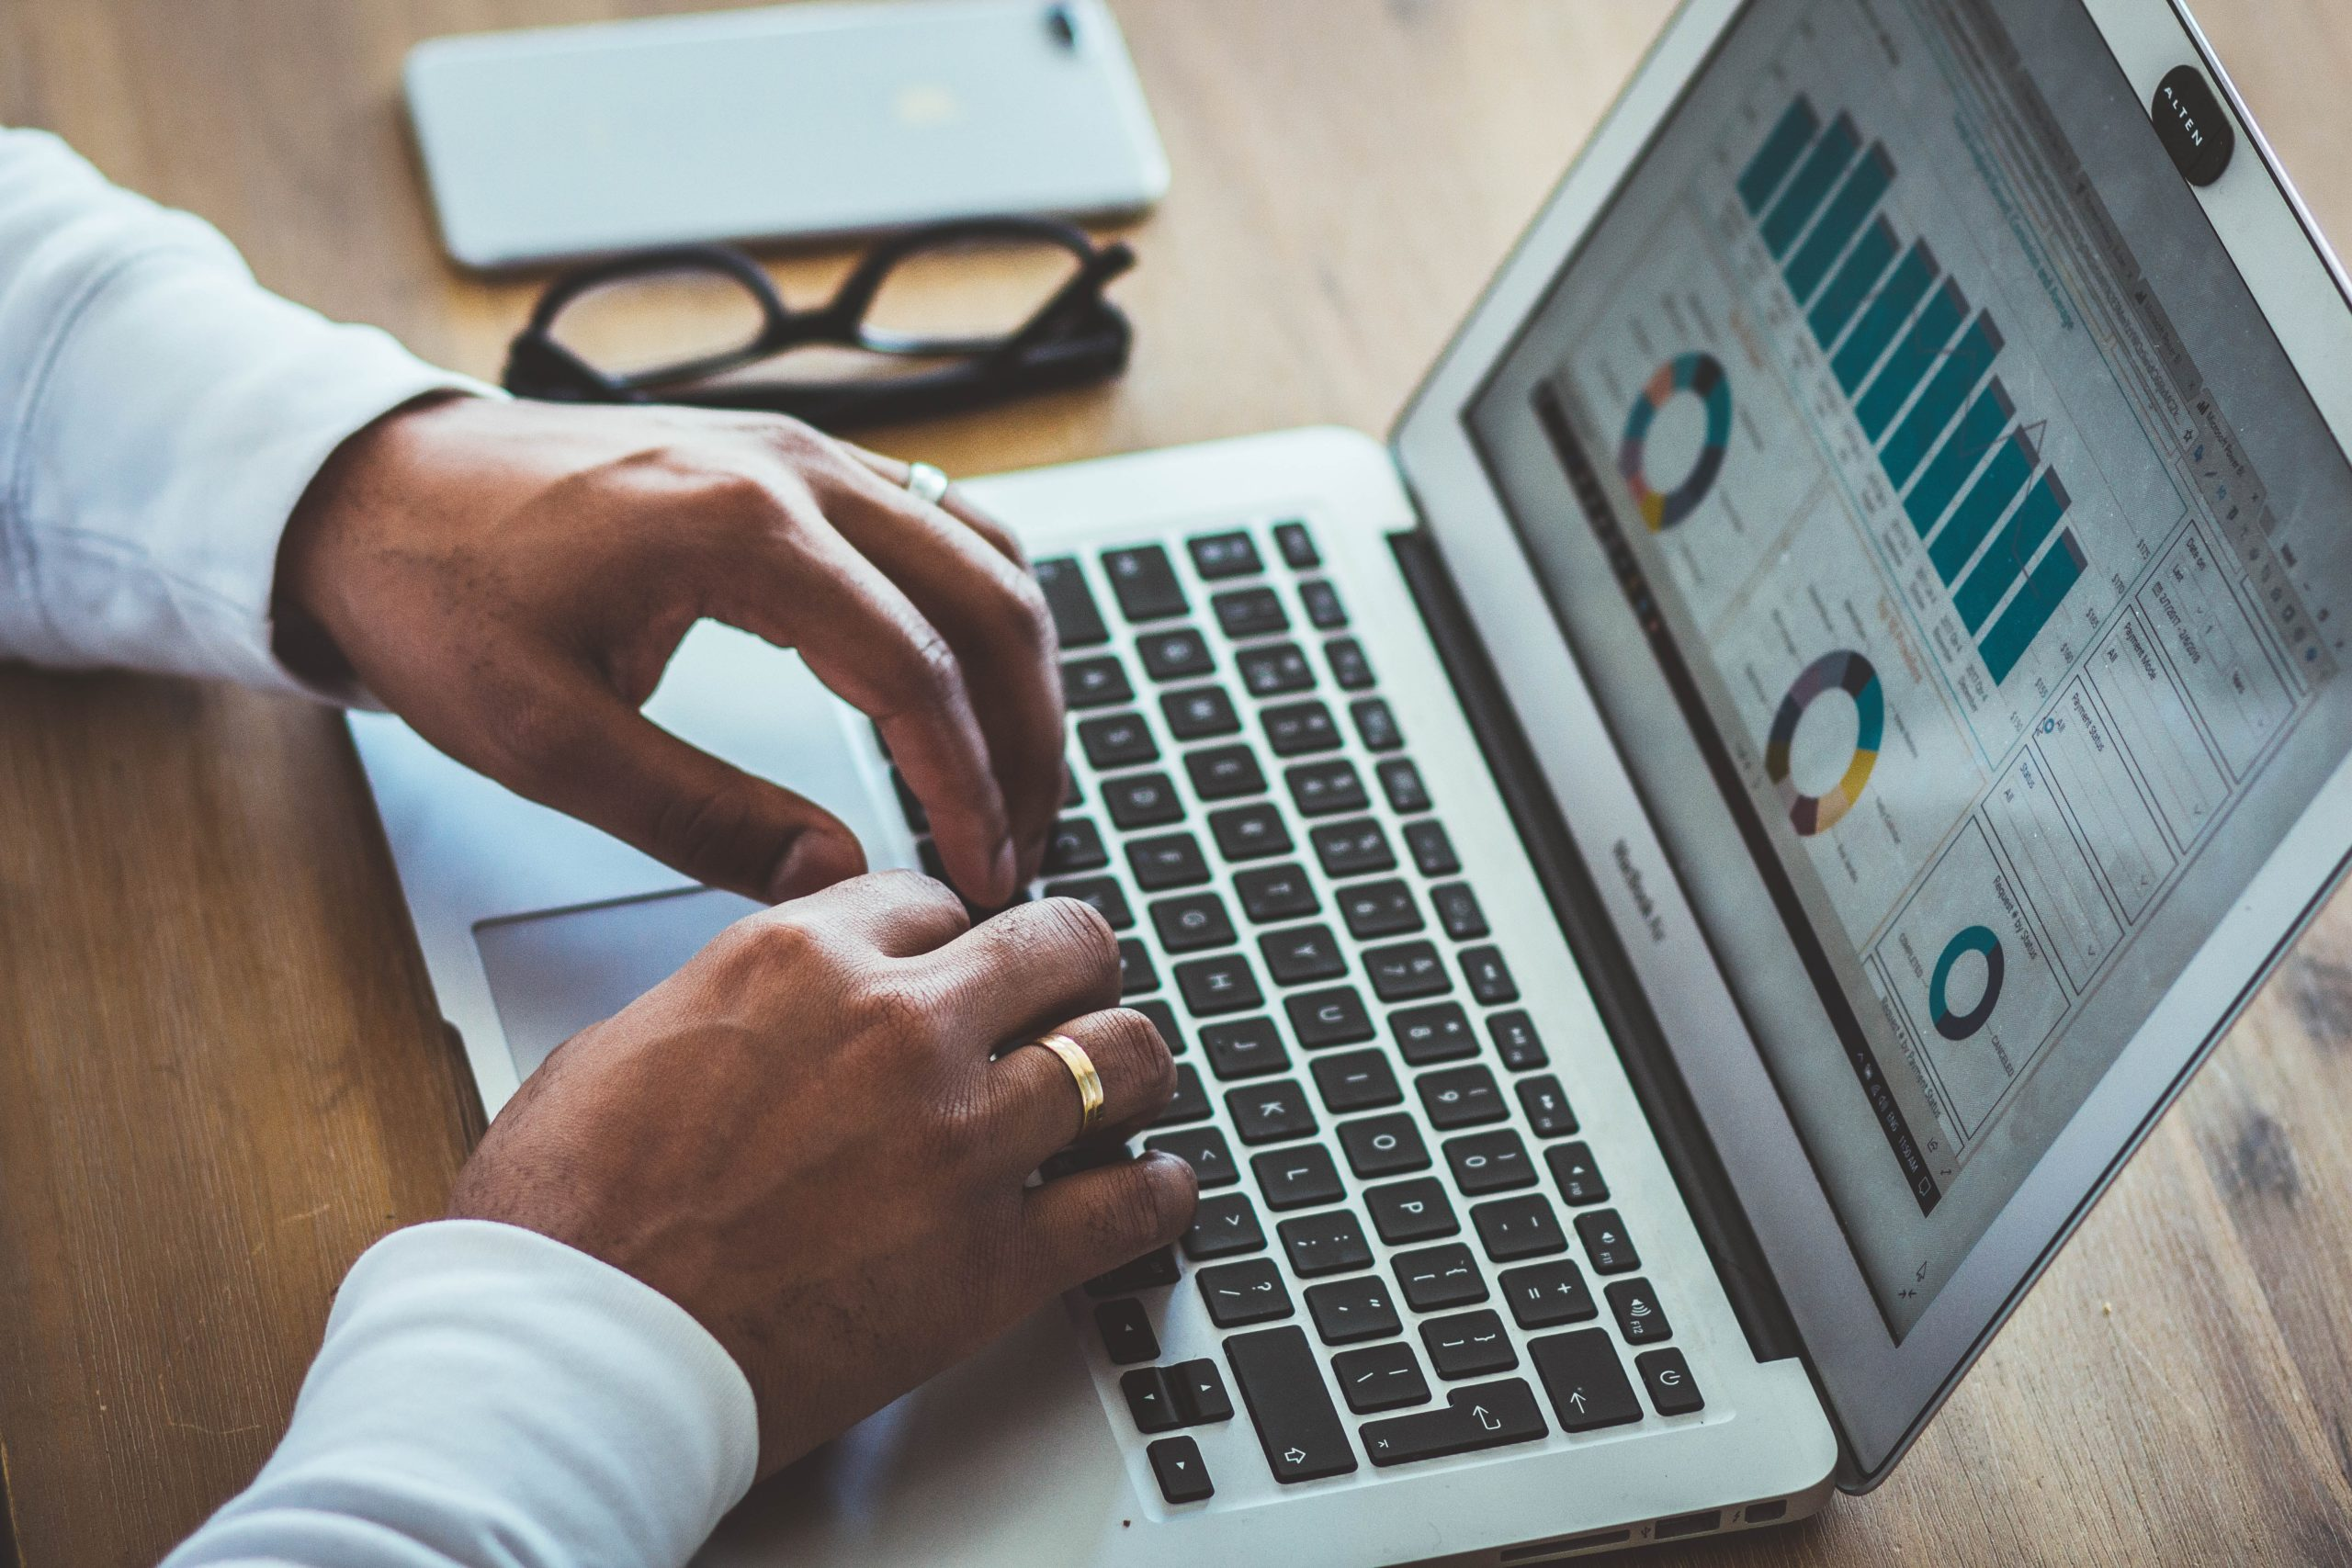 revenue management hotel attraverso statistiche e report che aiutano a comprenderne l'andamento delle prenotazioni